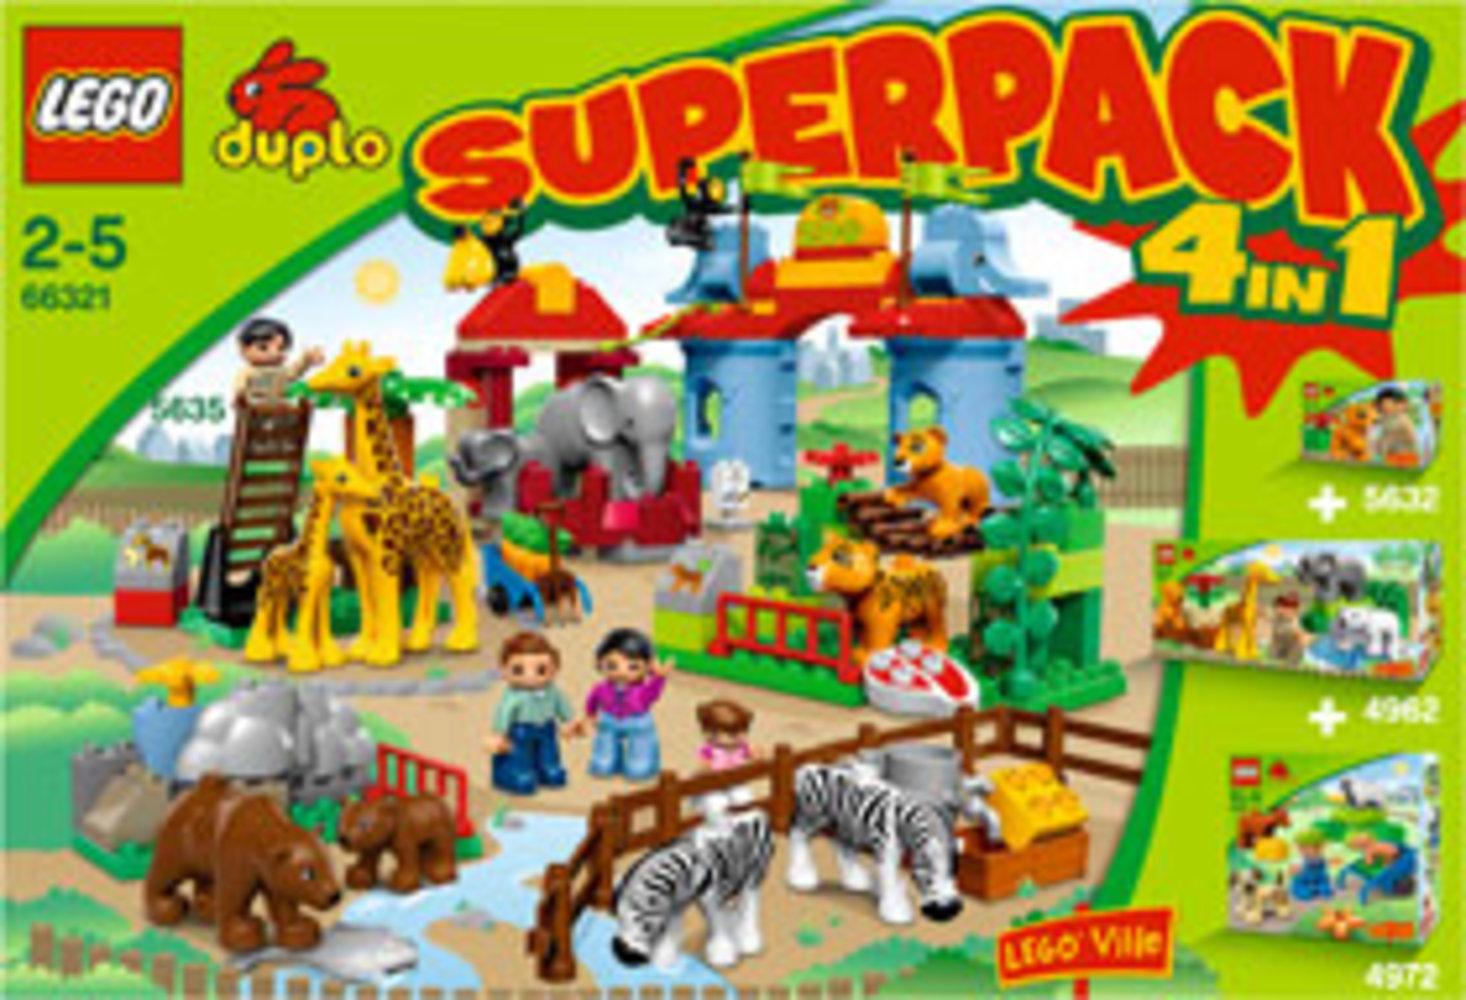 Zoo Super Pack 4 in 1